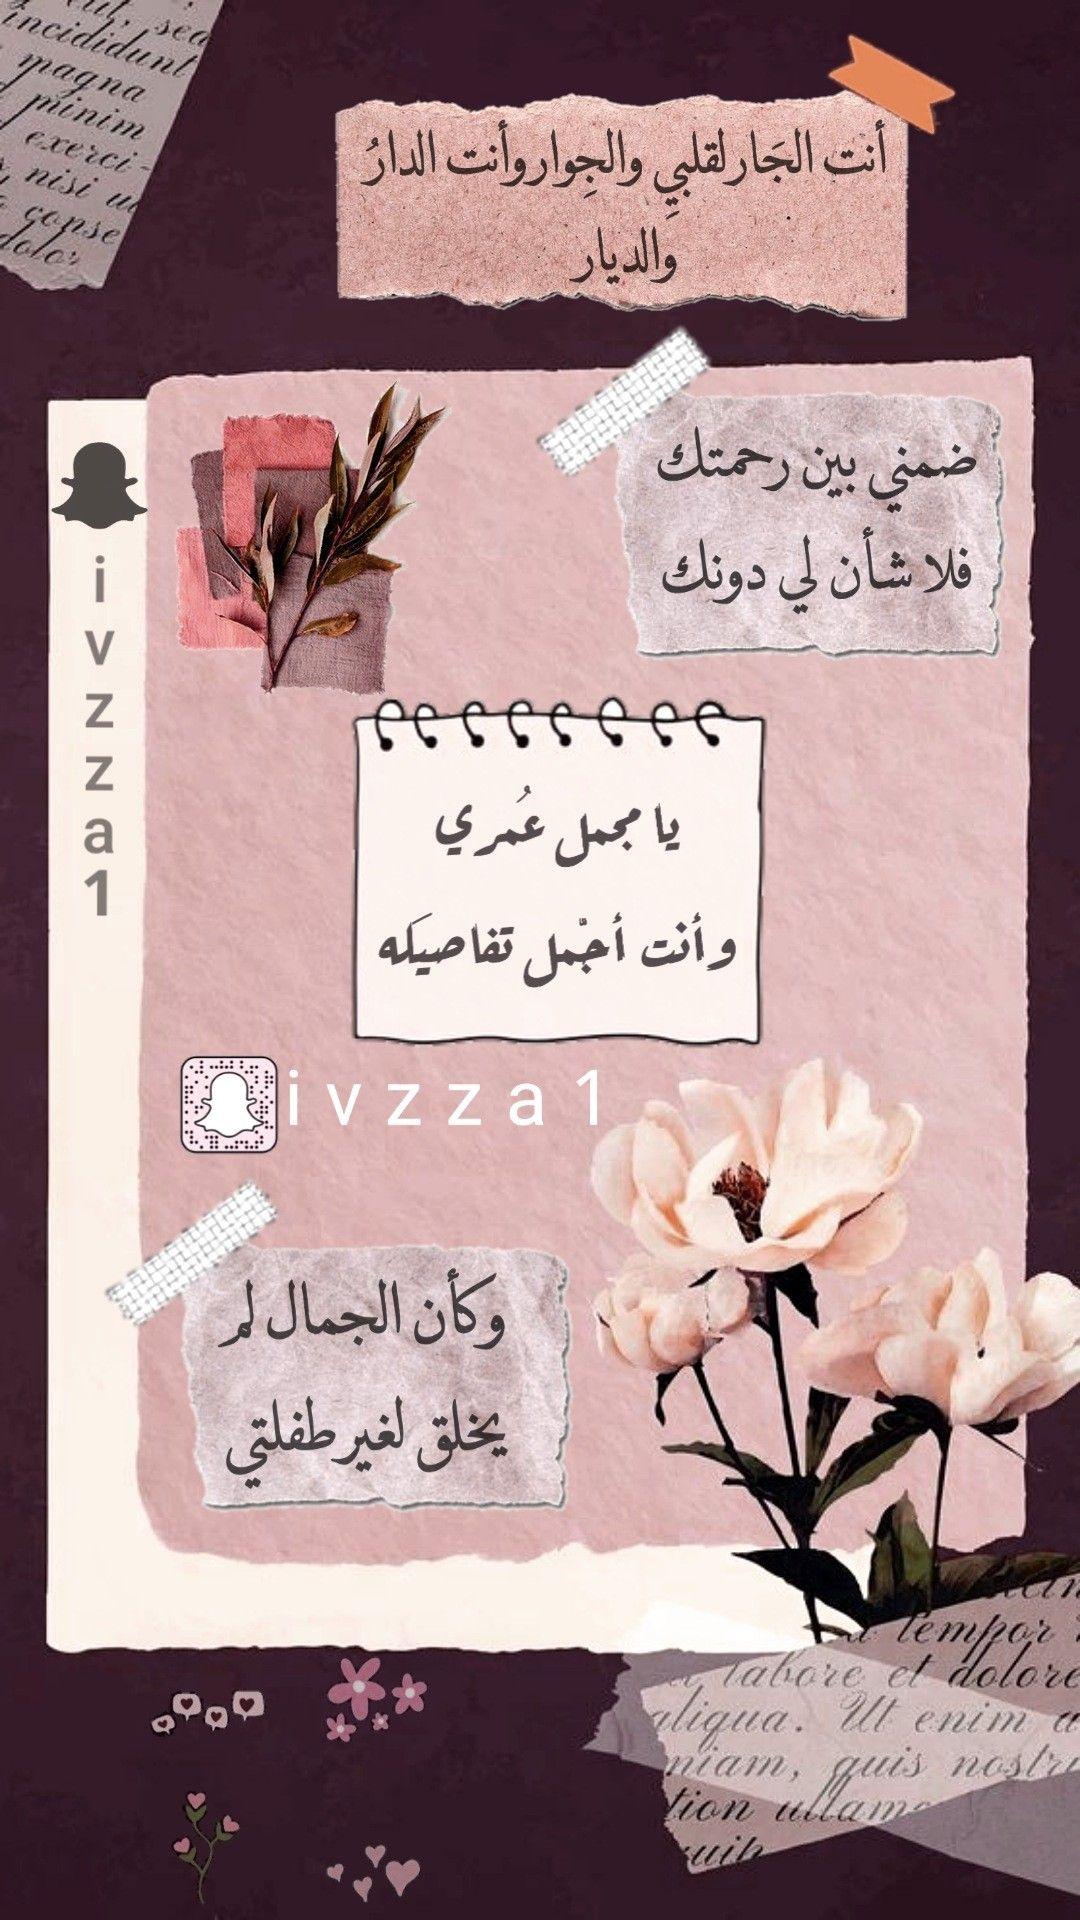 اقتباسات تليجرام تمبلر اقوال انستا خلفيات سوداء بنات افتارات ستوري In 2021 Cover Photo Quotes Photo Quotes Islamic Love Quotes